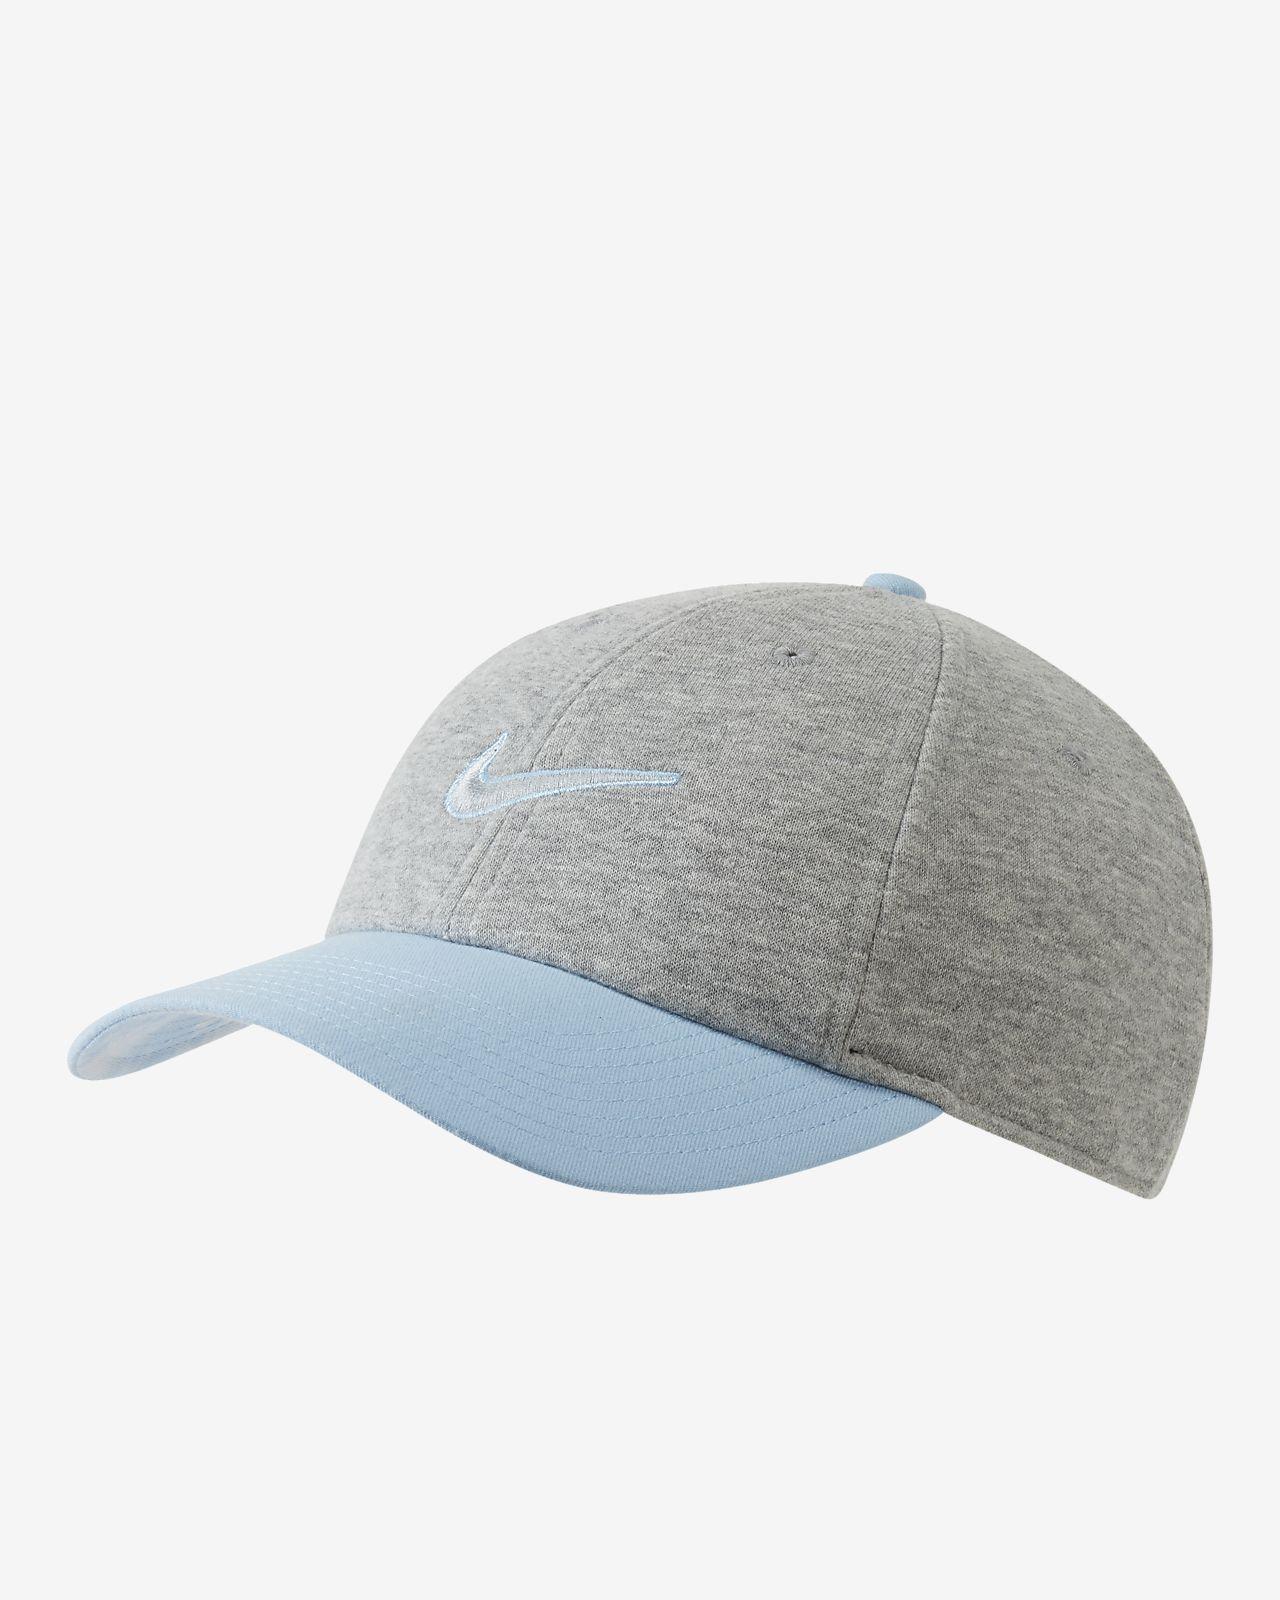 Nike Heritage86 Adjustable Hat